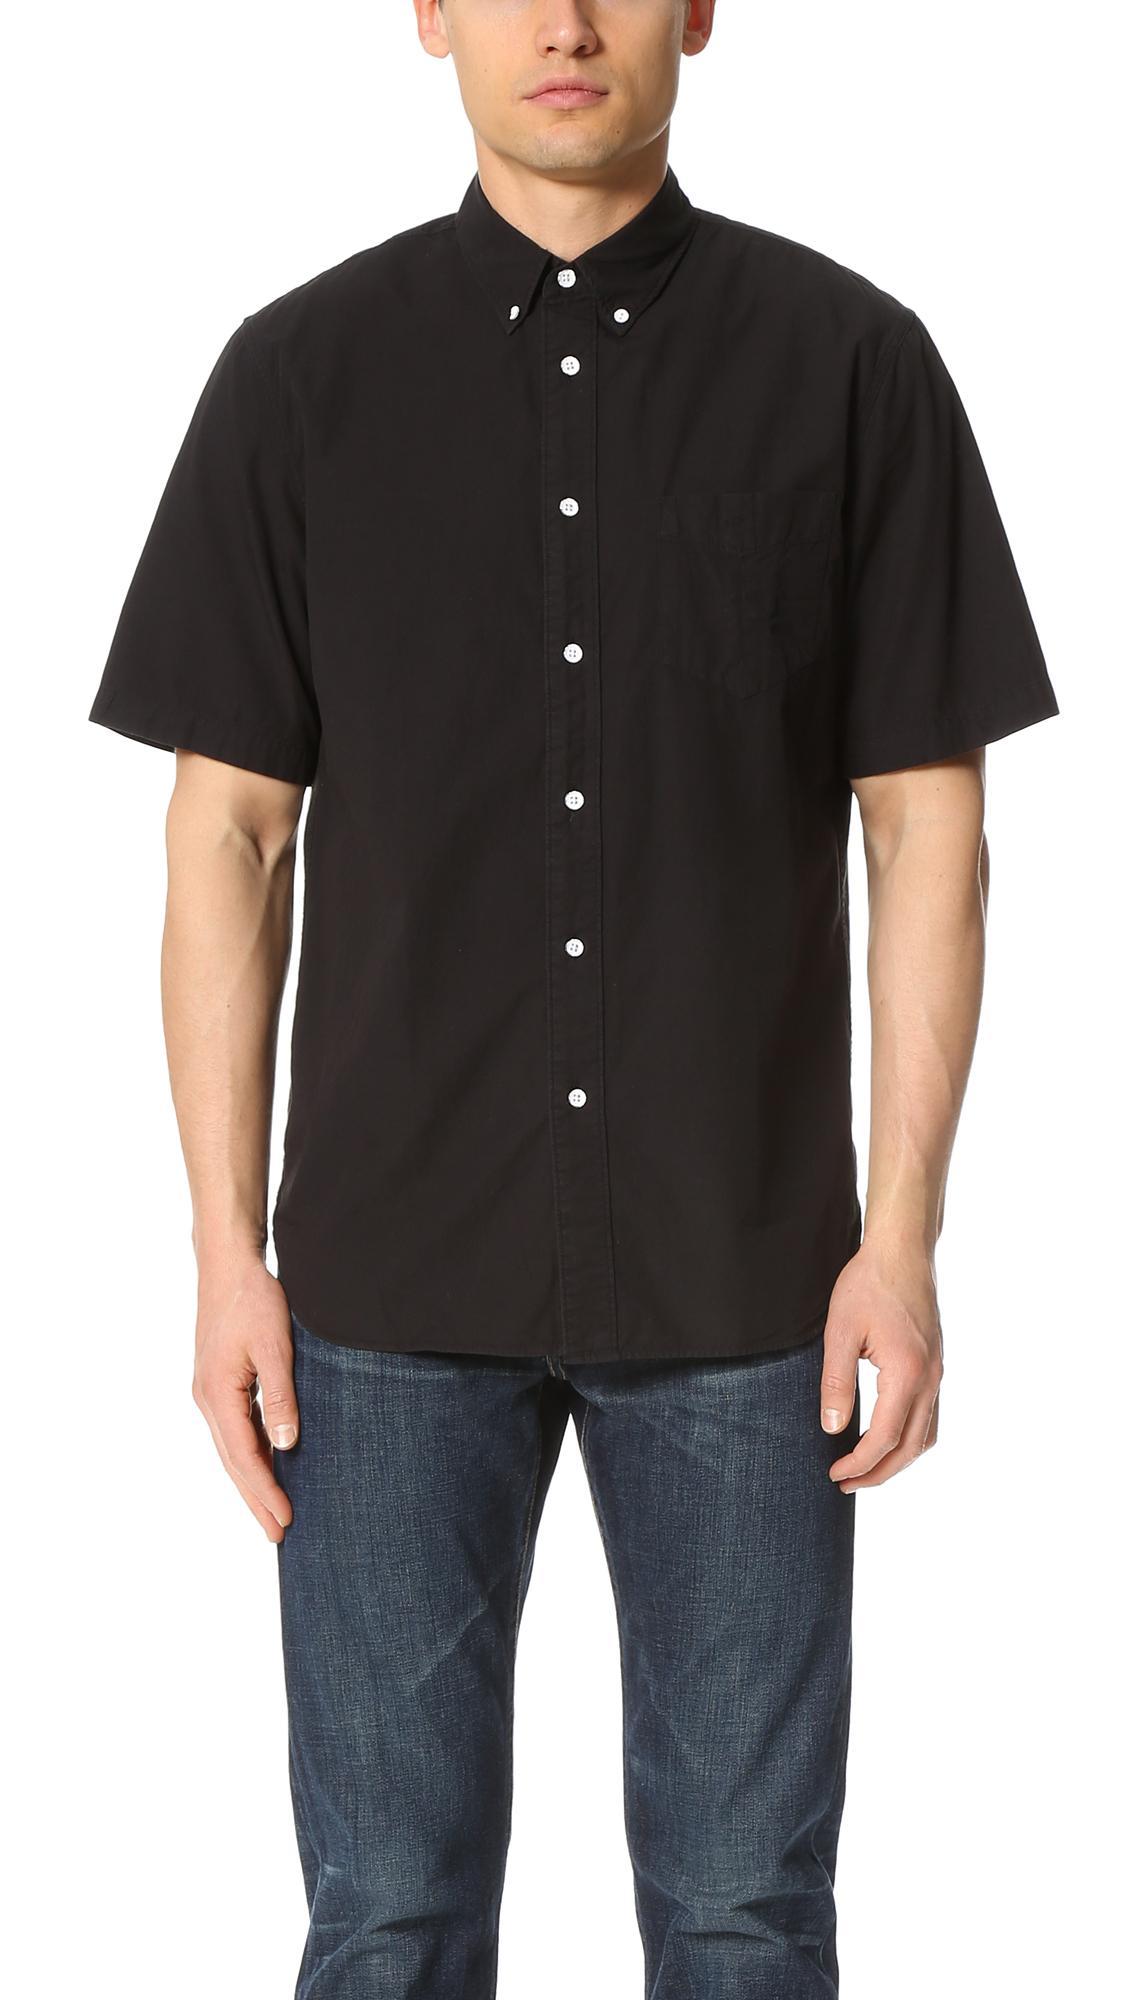 Rag bone short sleeve standard issue shirt in black for for Rag bone shirt